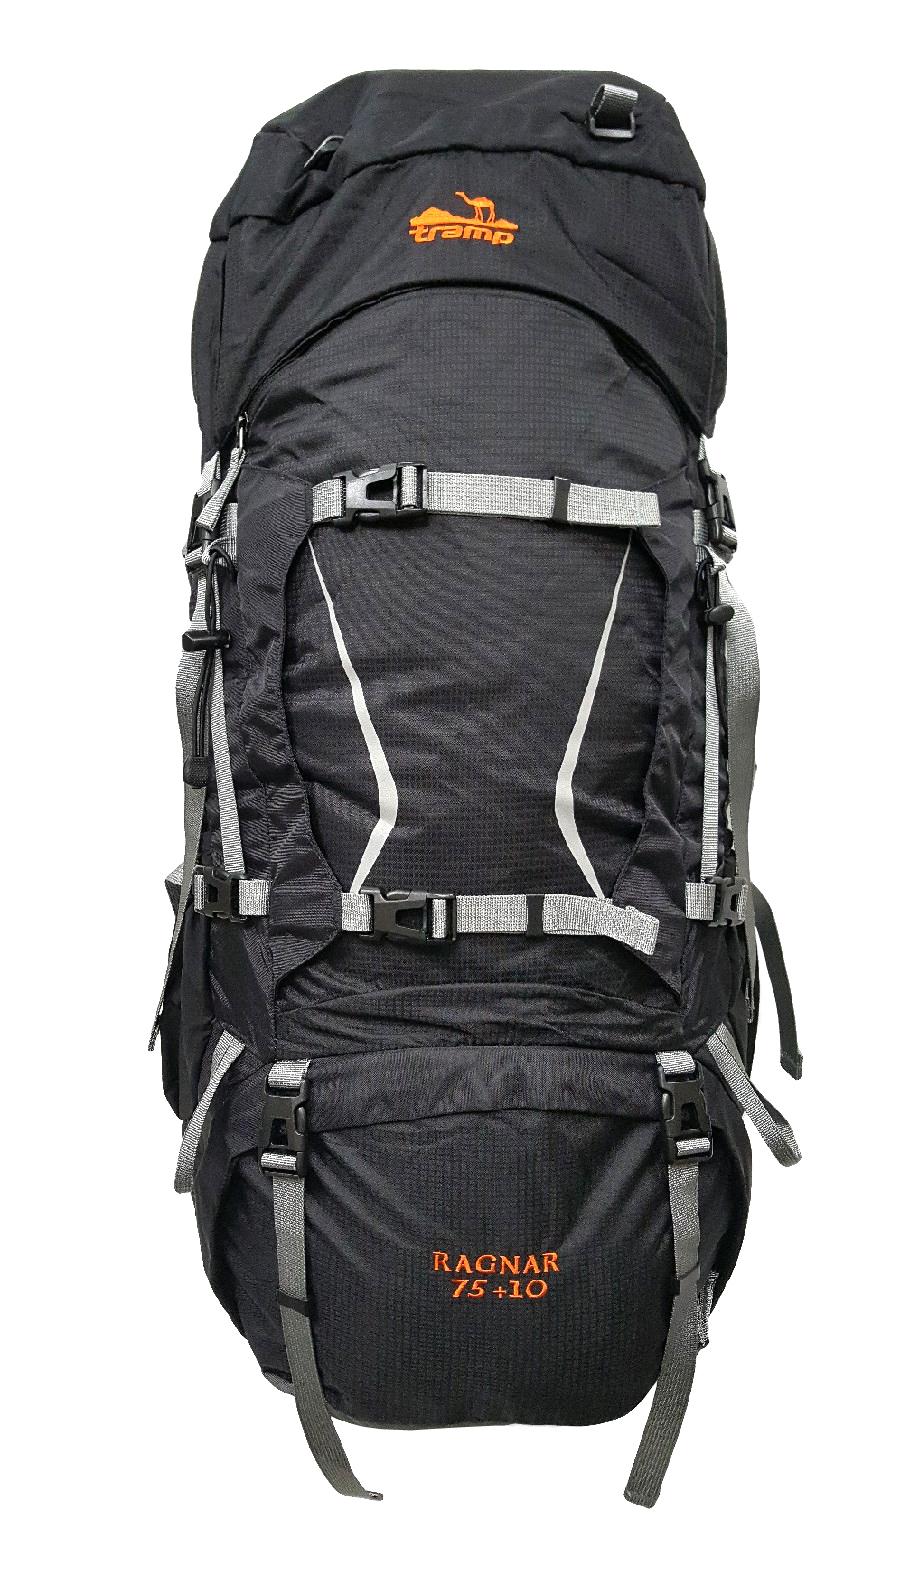 Туристический рюкзак Tramp Ragnar, черный, 75+10 л фото